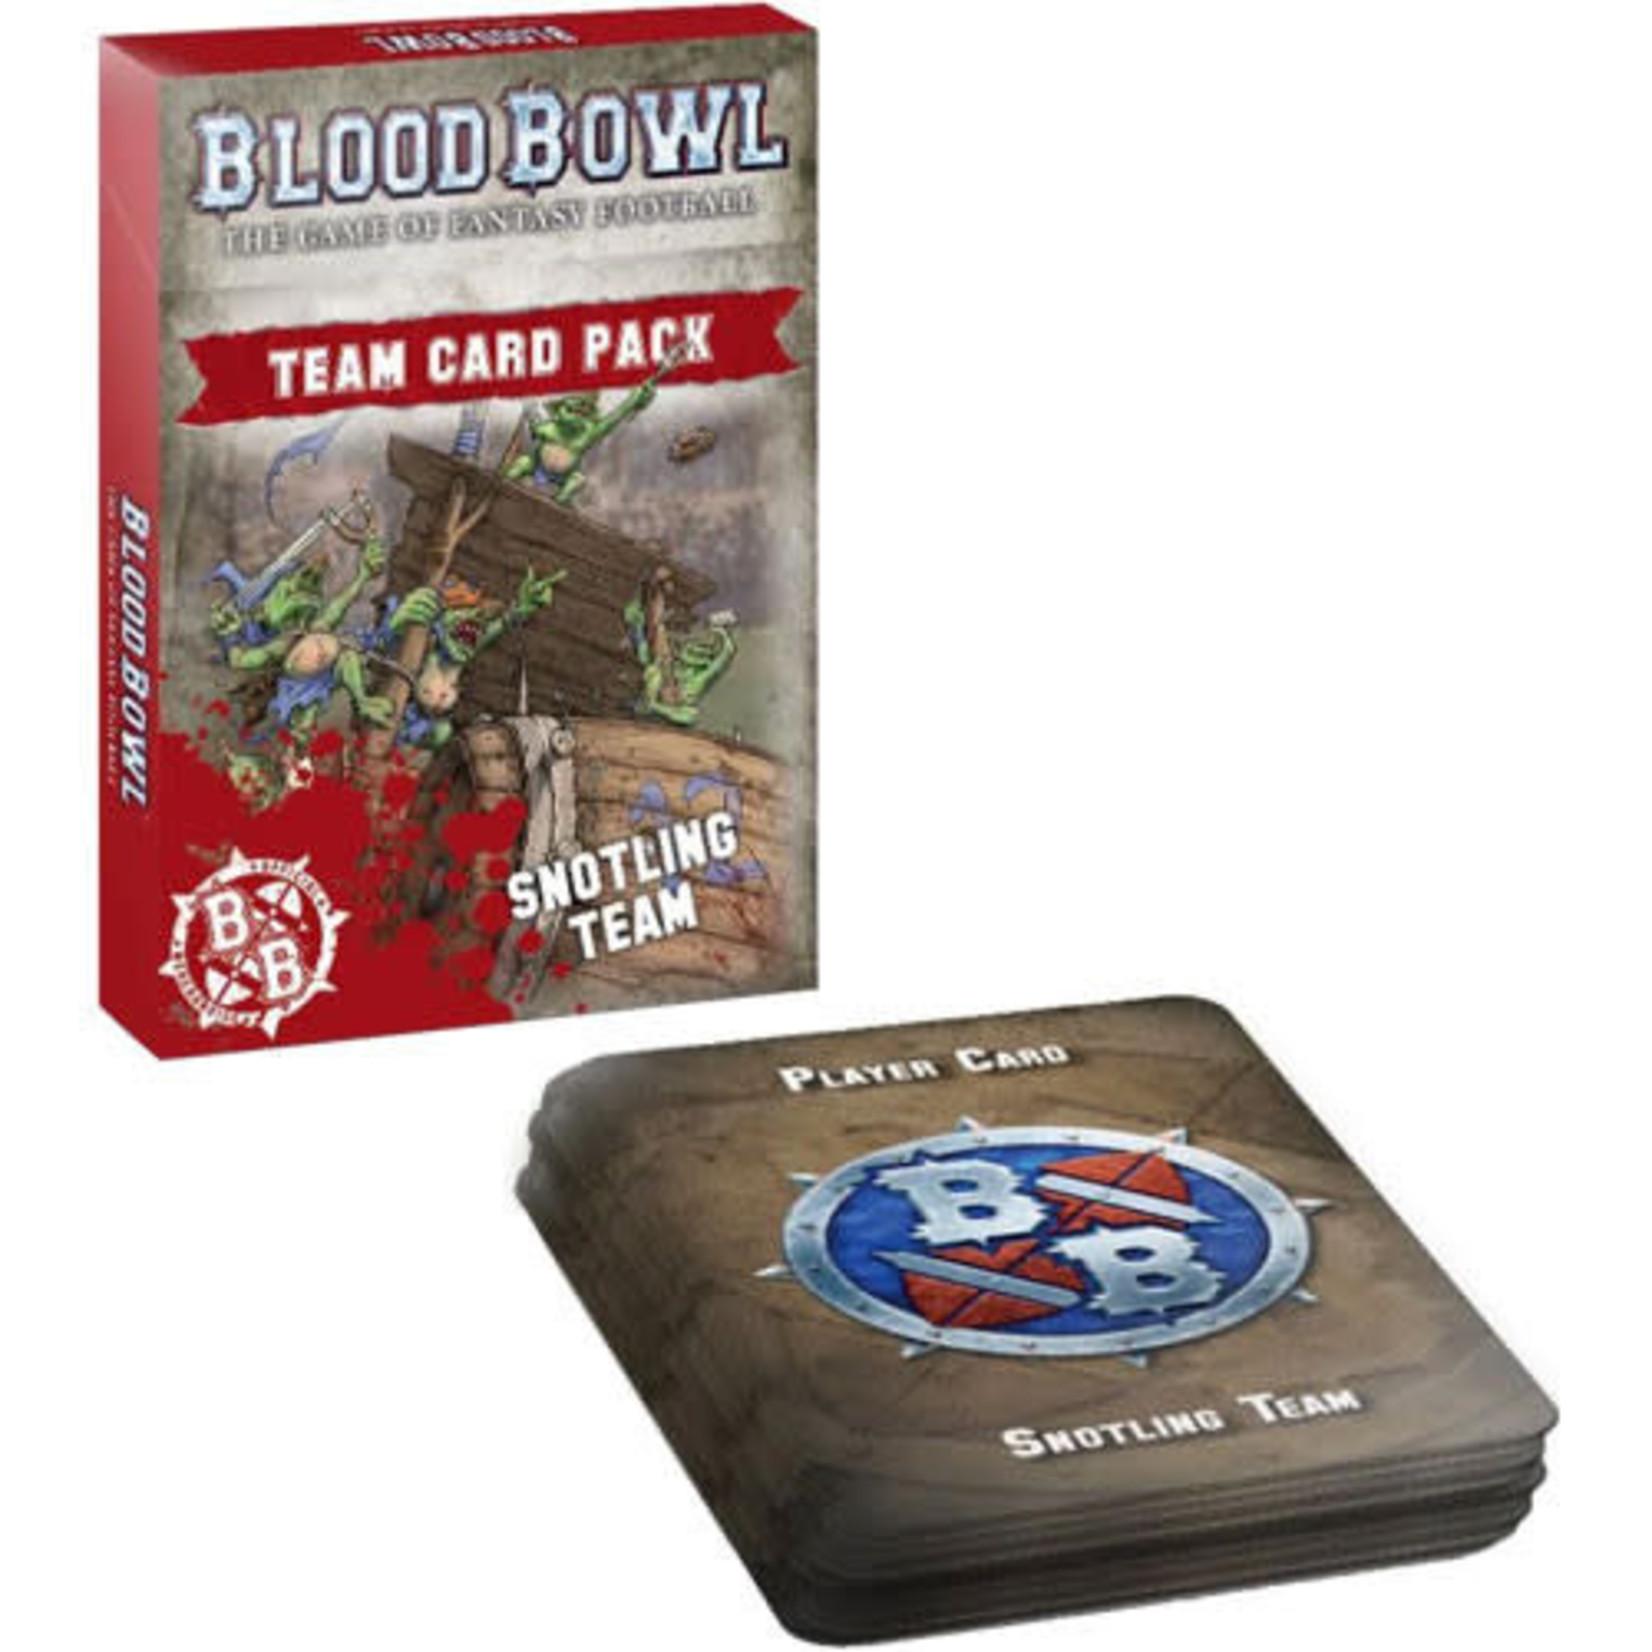 Blood Bowl: Snotling Team Cards